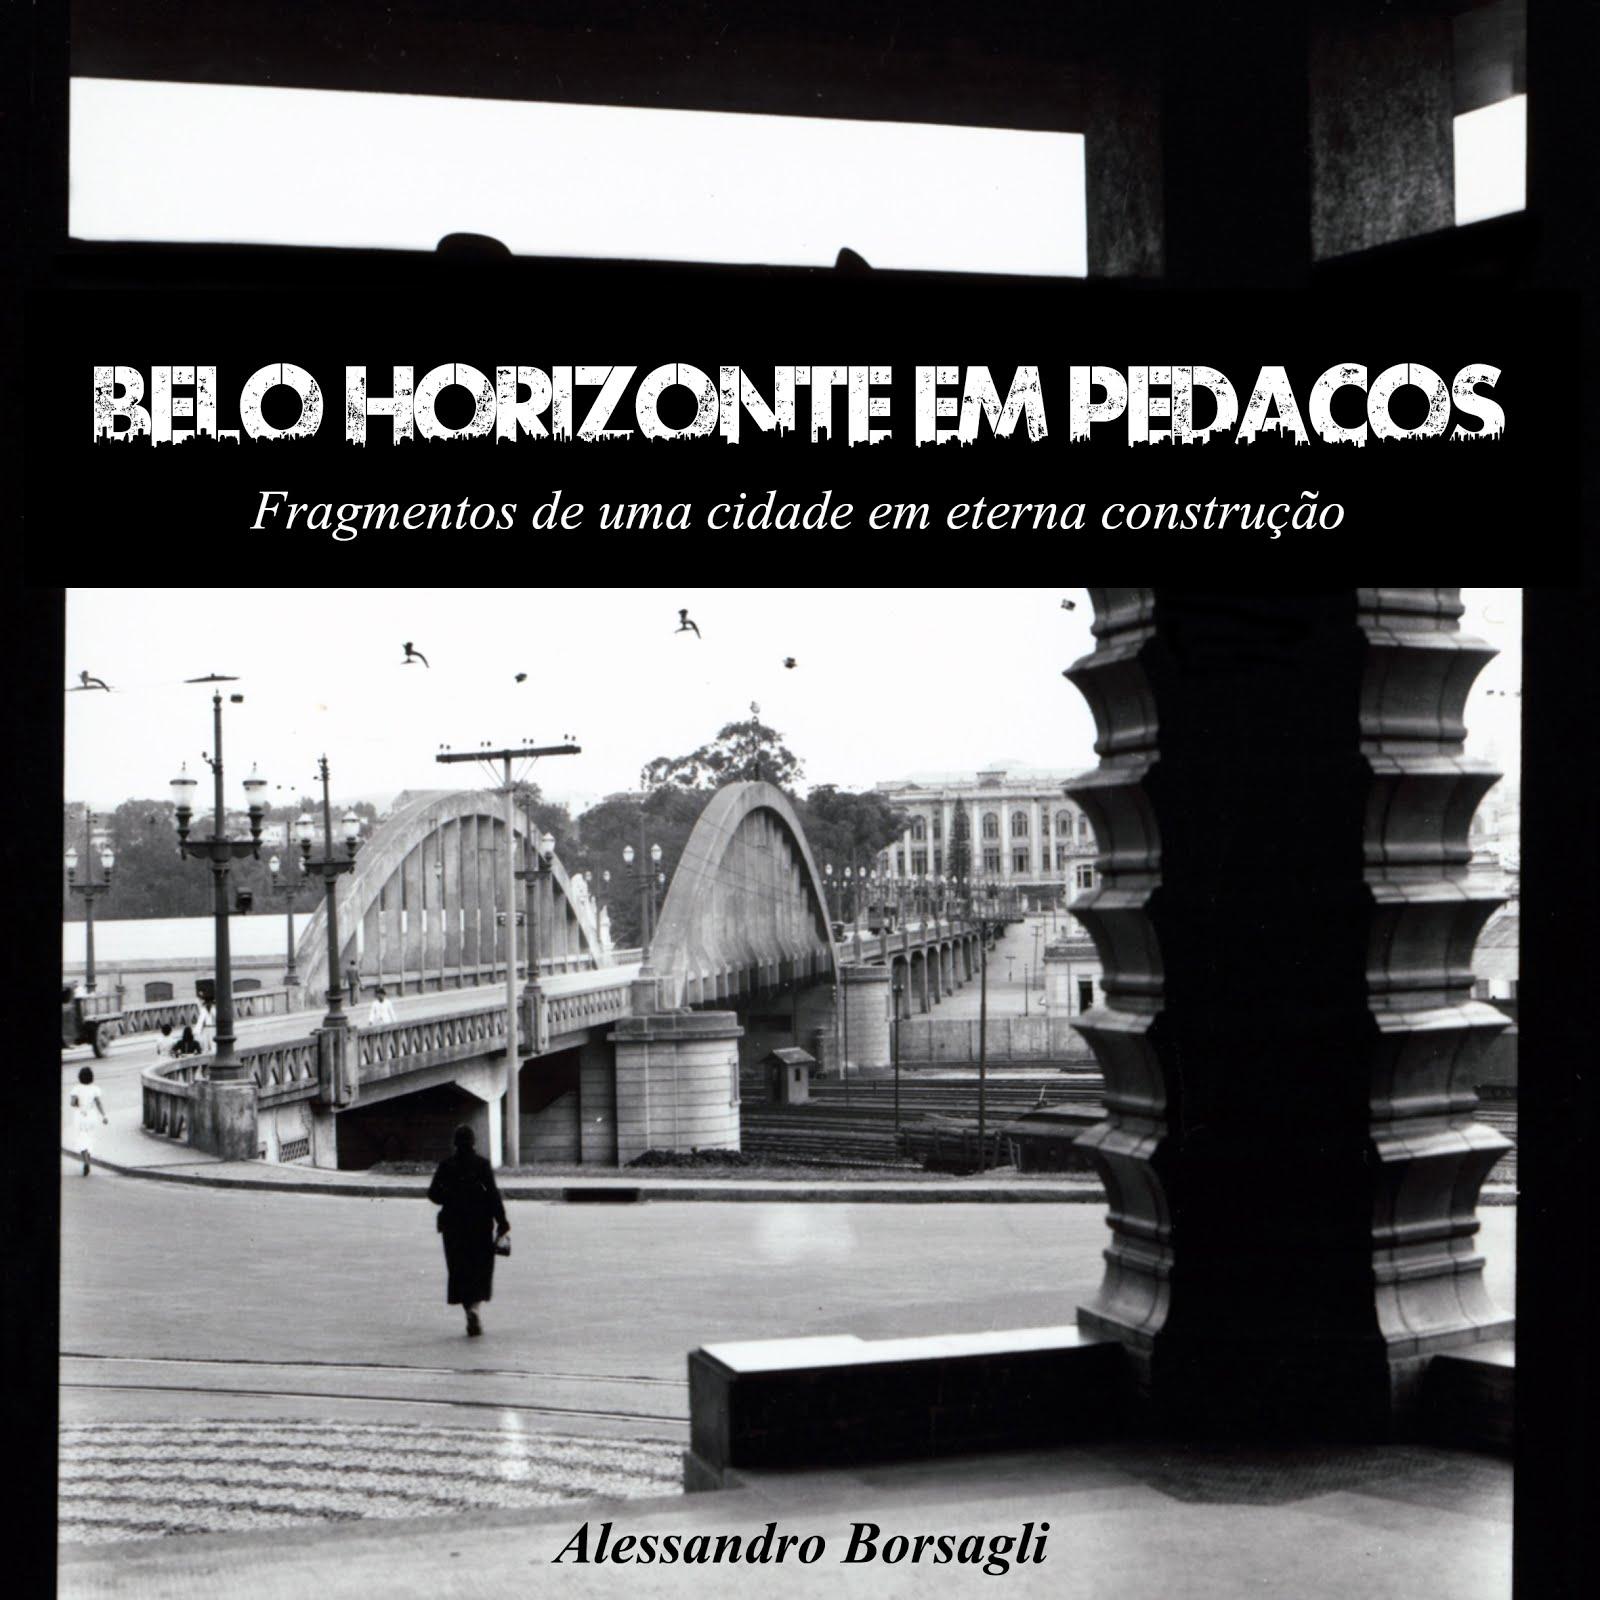 Livro Belo Horizonte em Pedaços: fragmentos de uma cidade em eterna construção